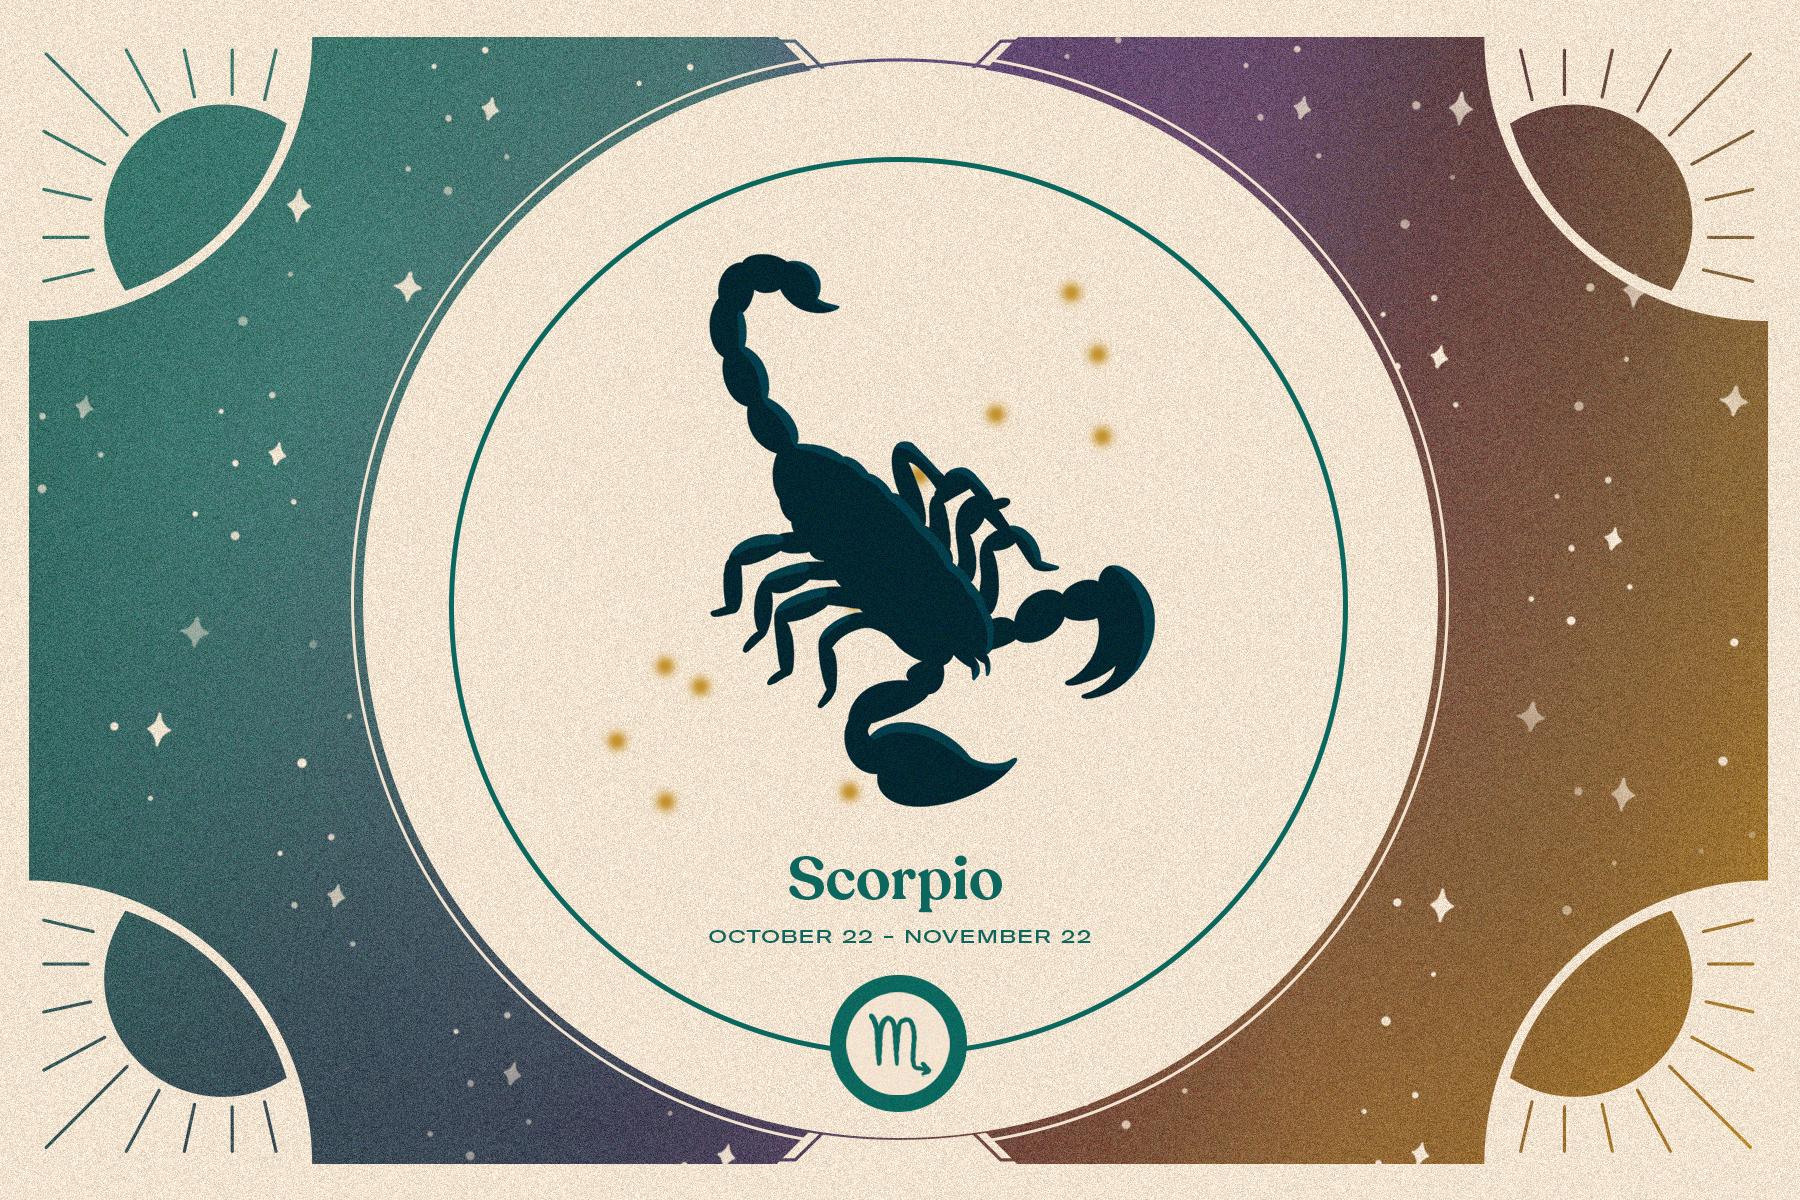 scorpio zodiac sign personality